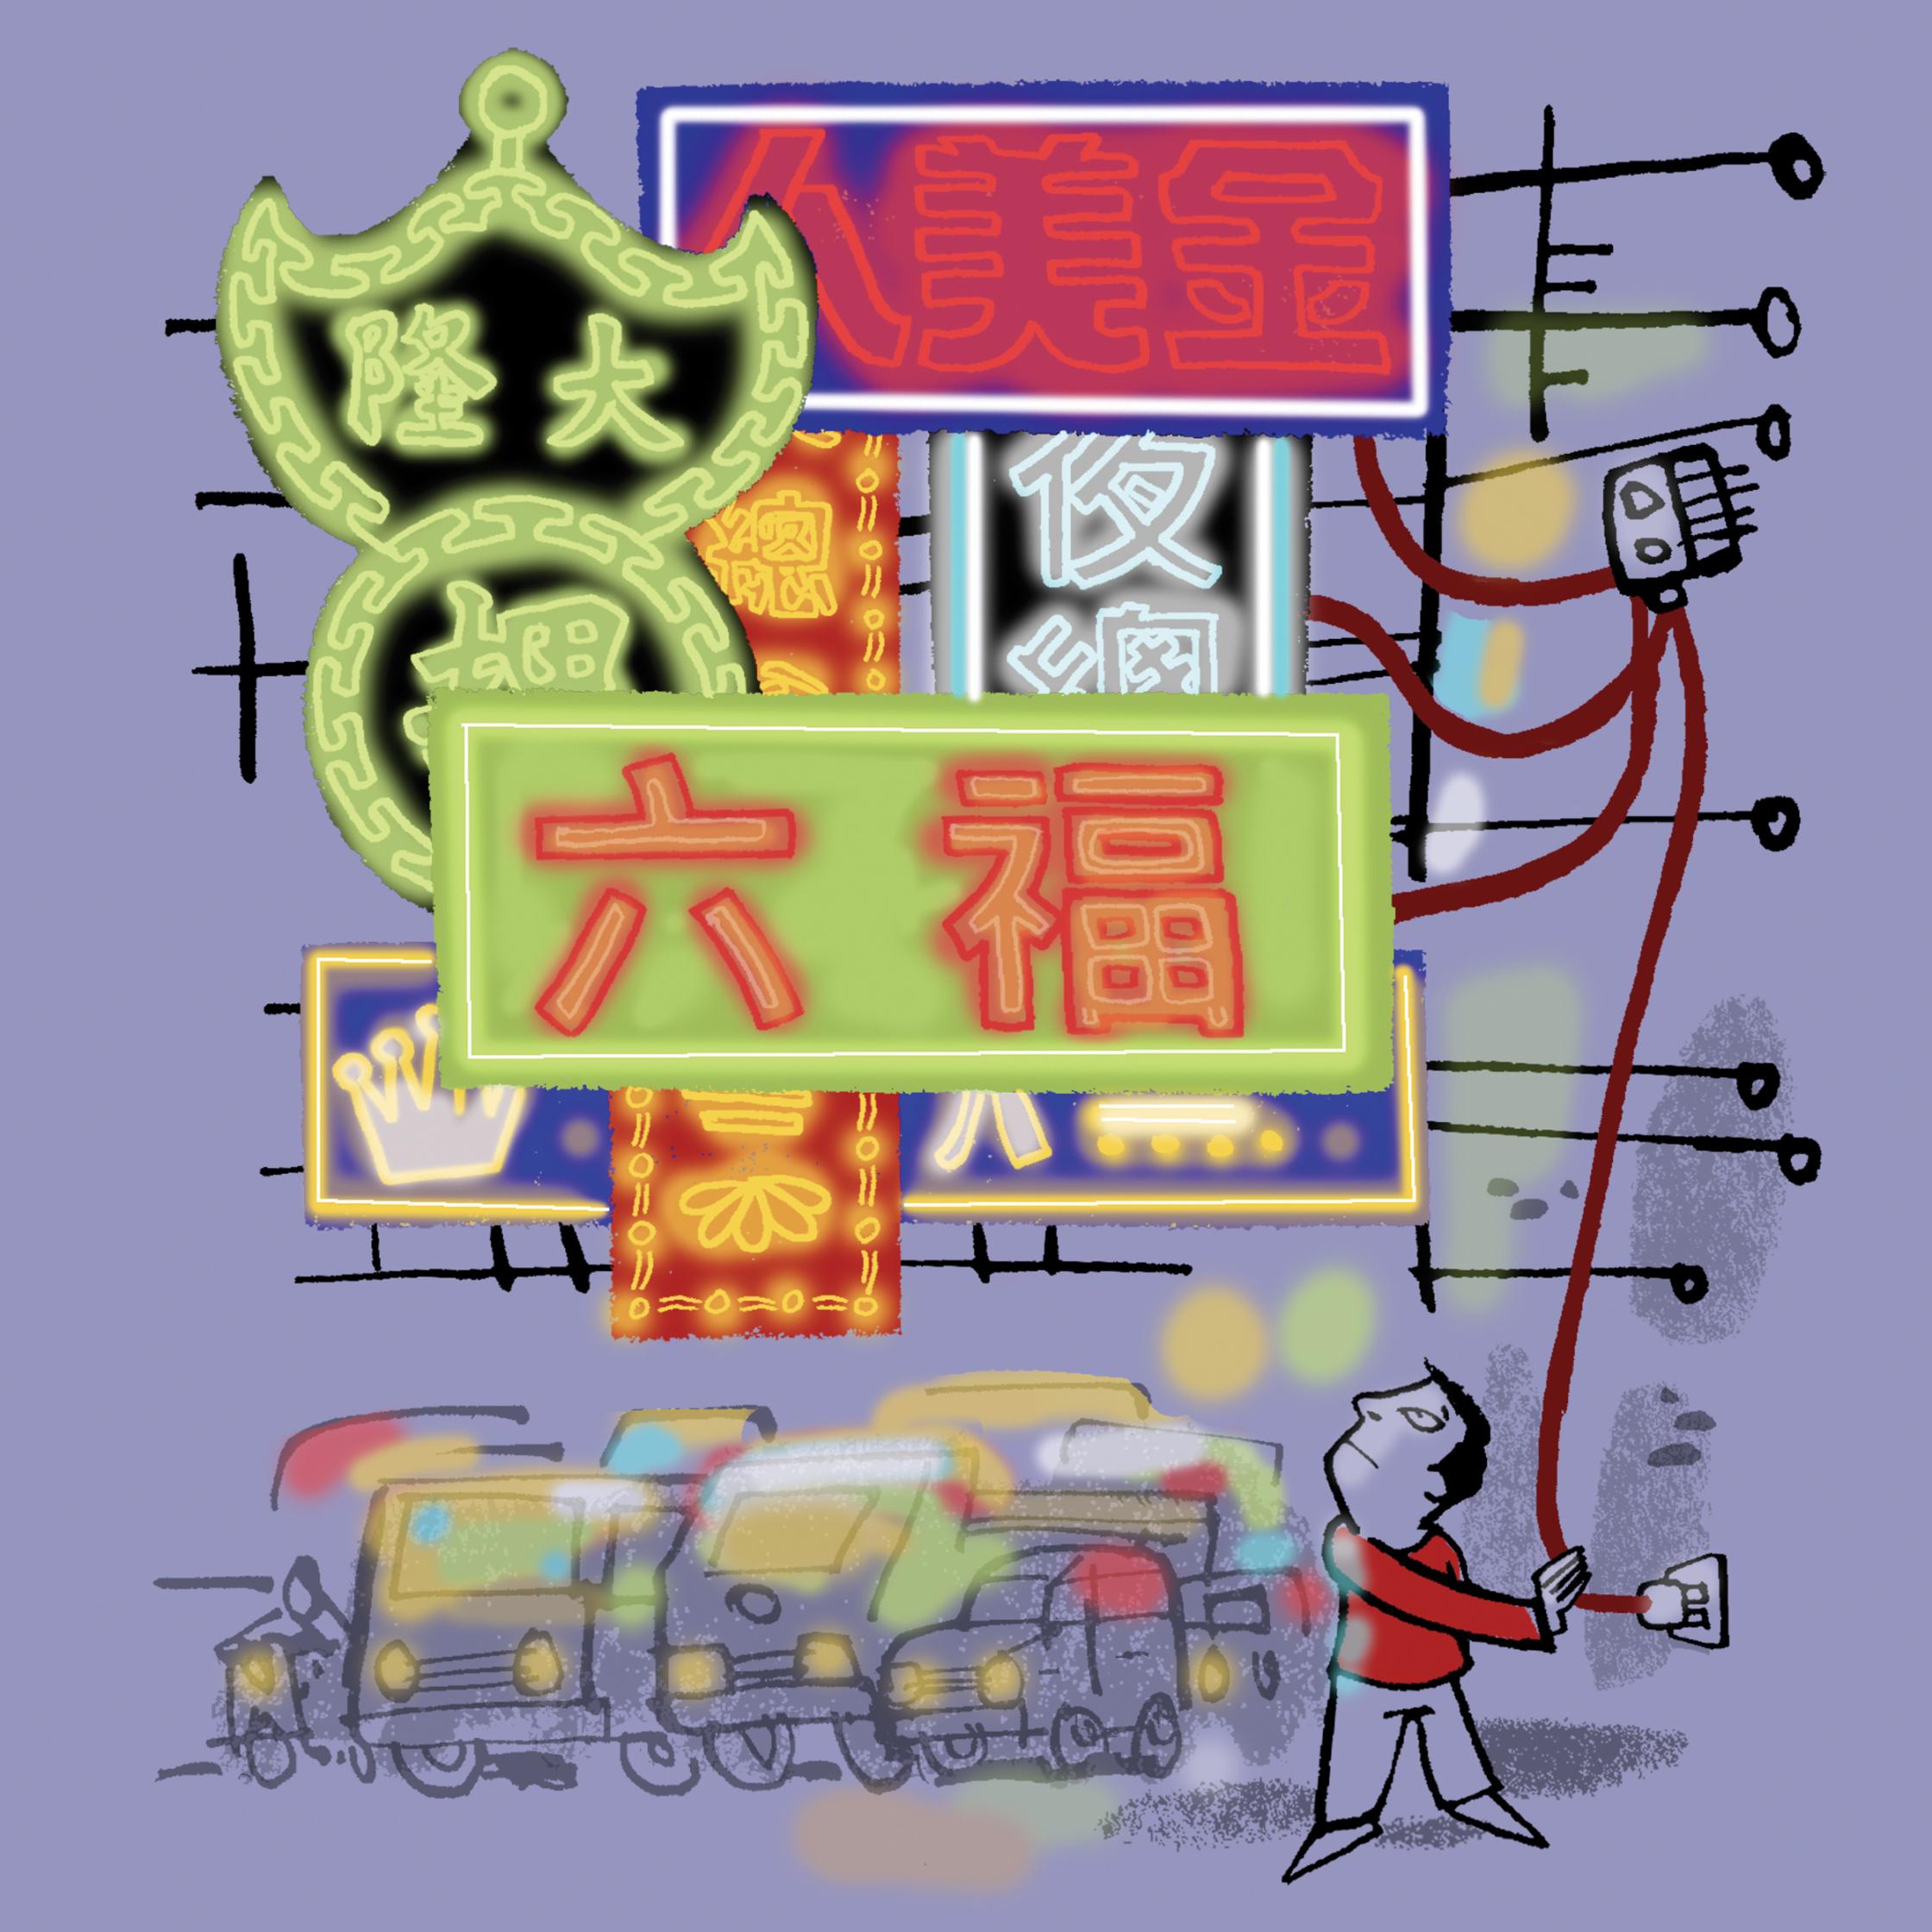 Streich-1843-Economist-Hong-Kong-Neon-signs.jpg